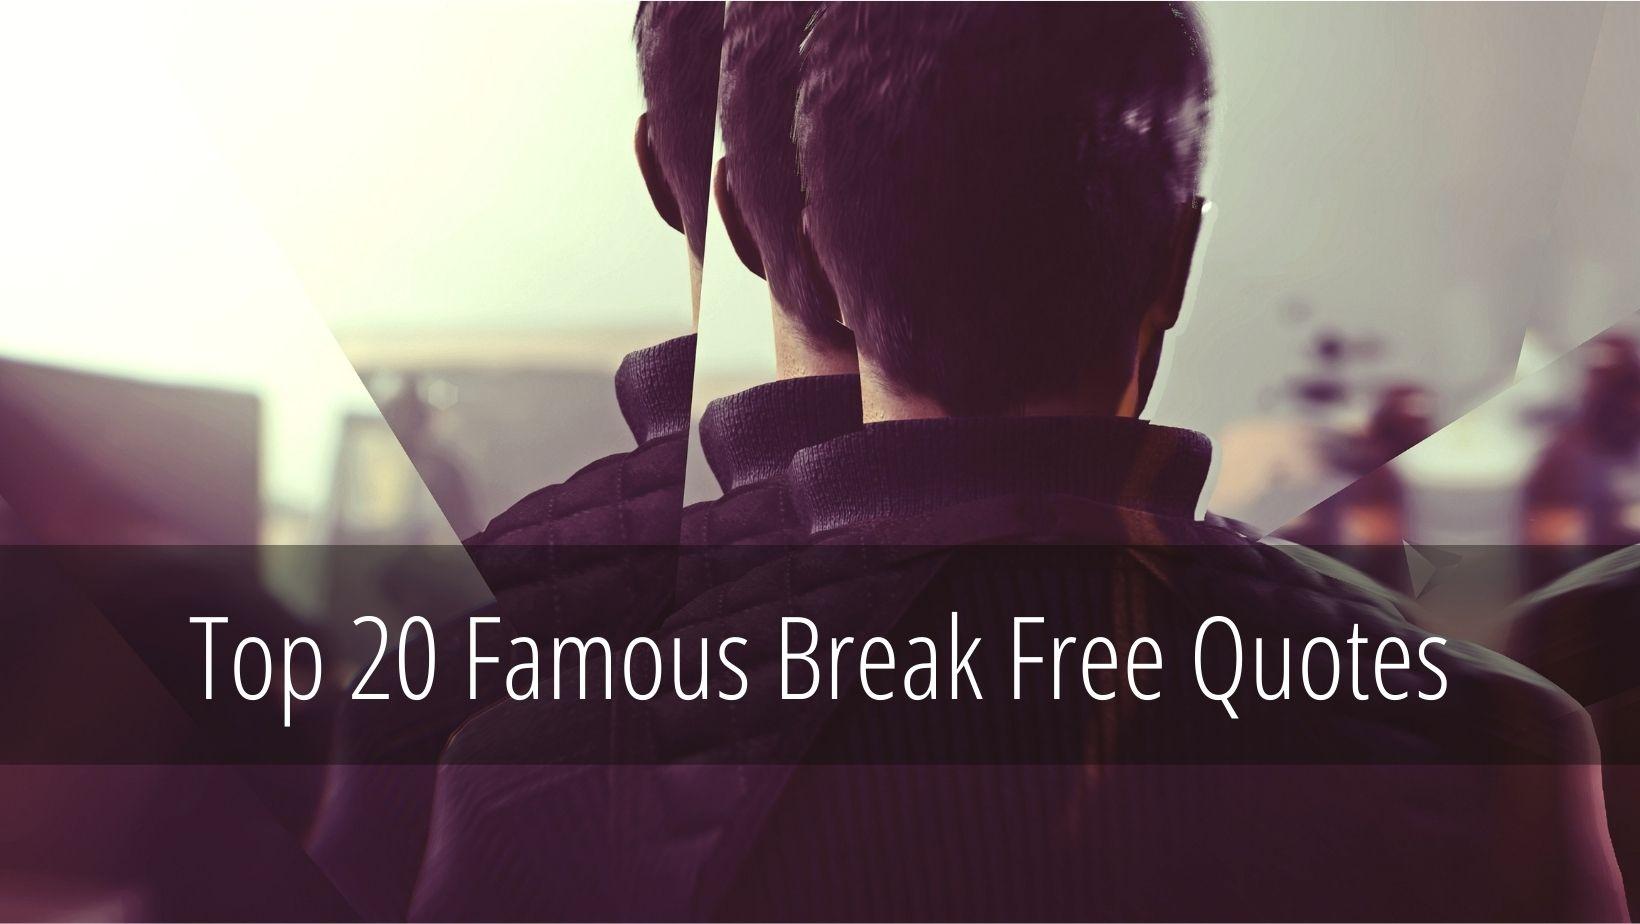 Top 20 Break Free Quotes